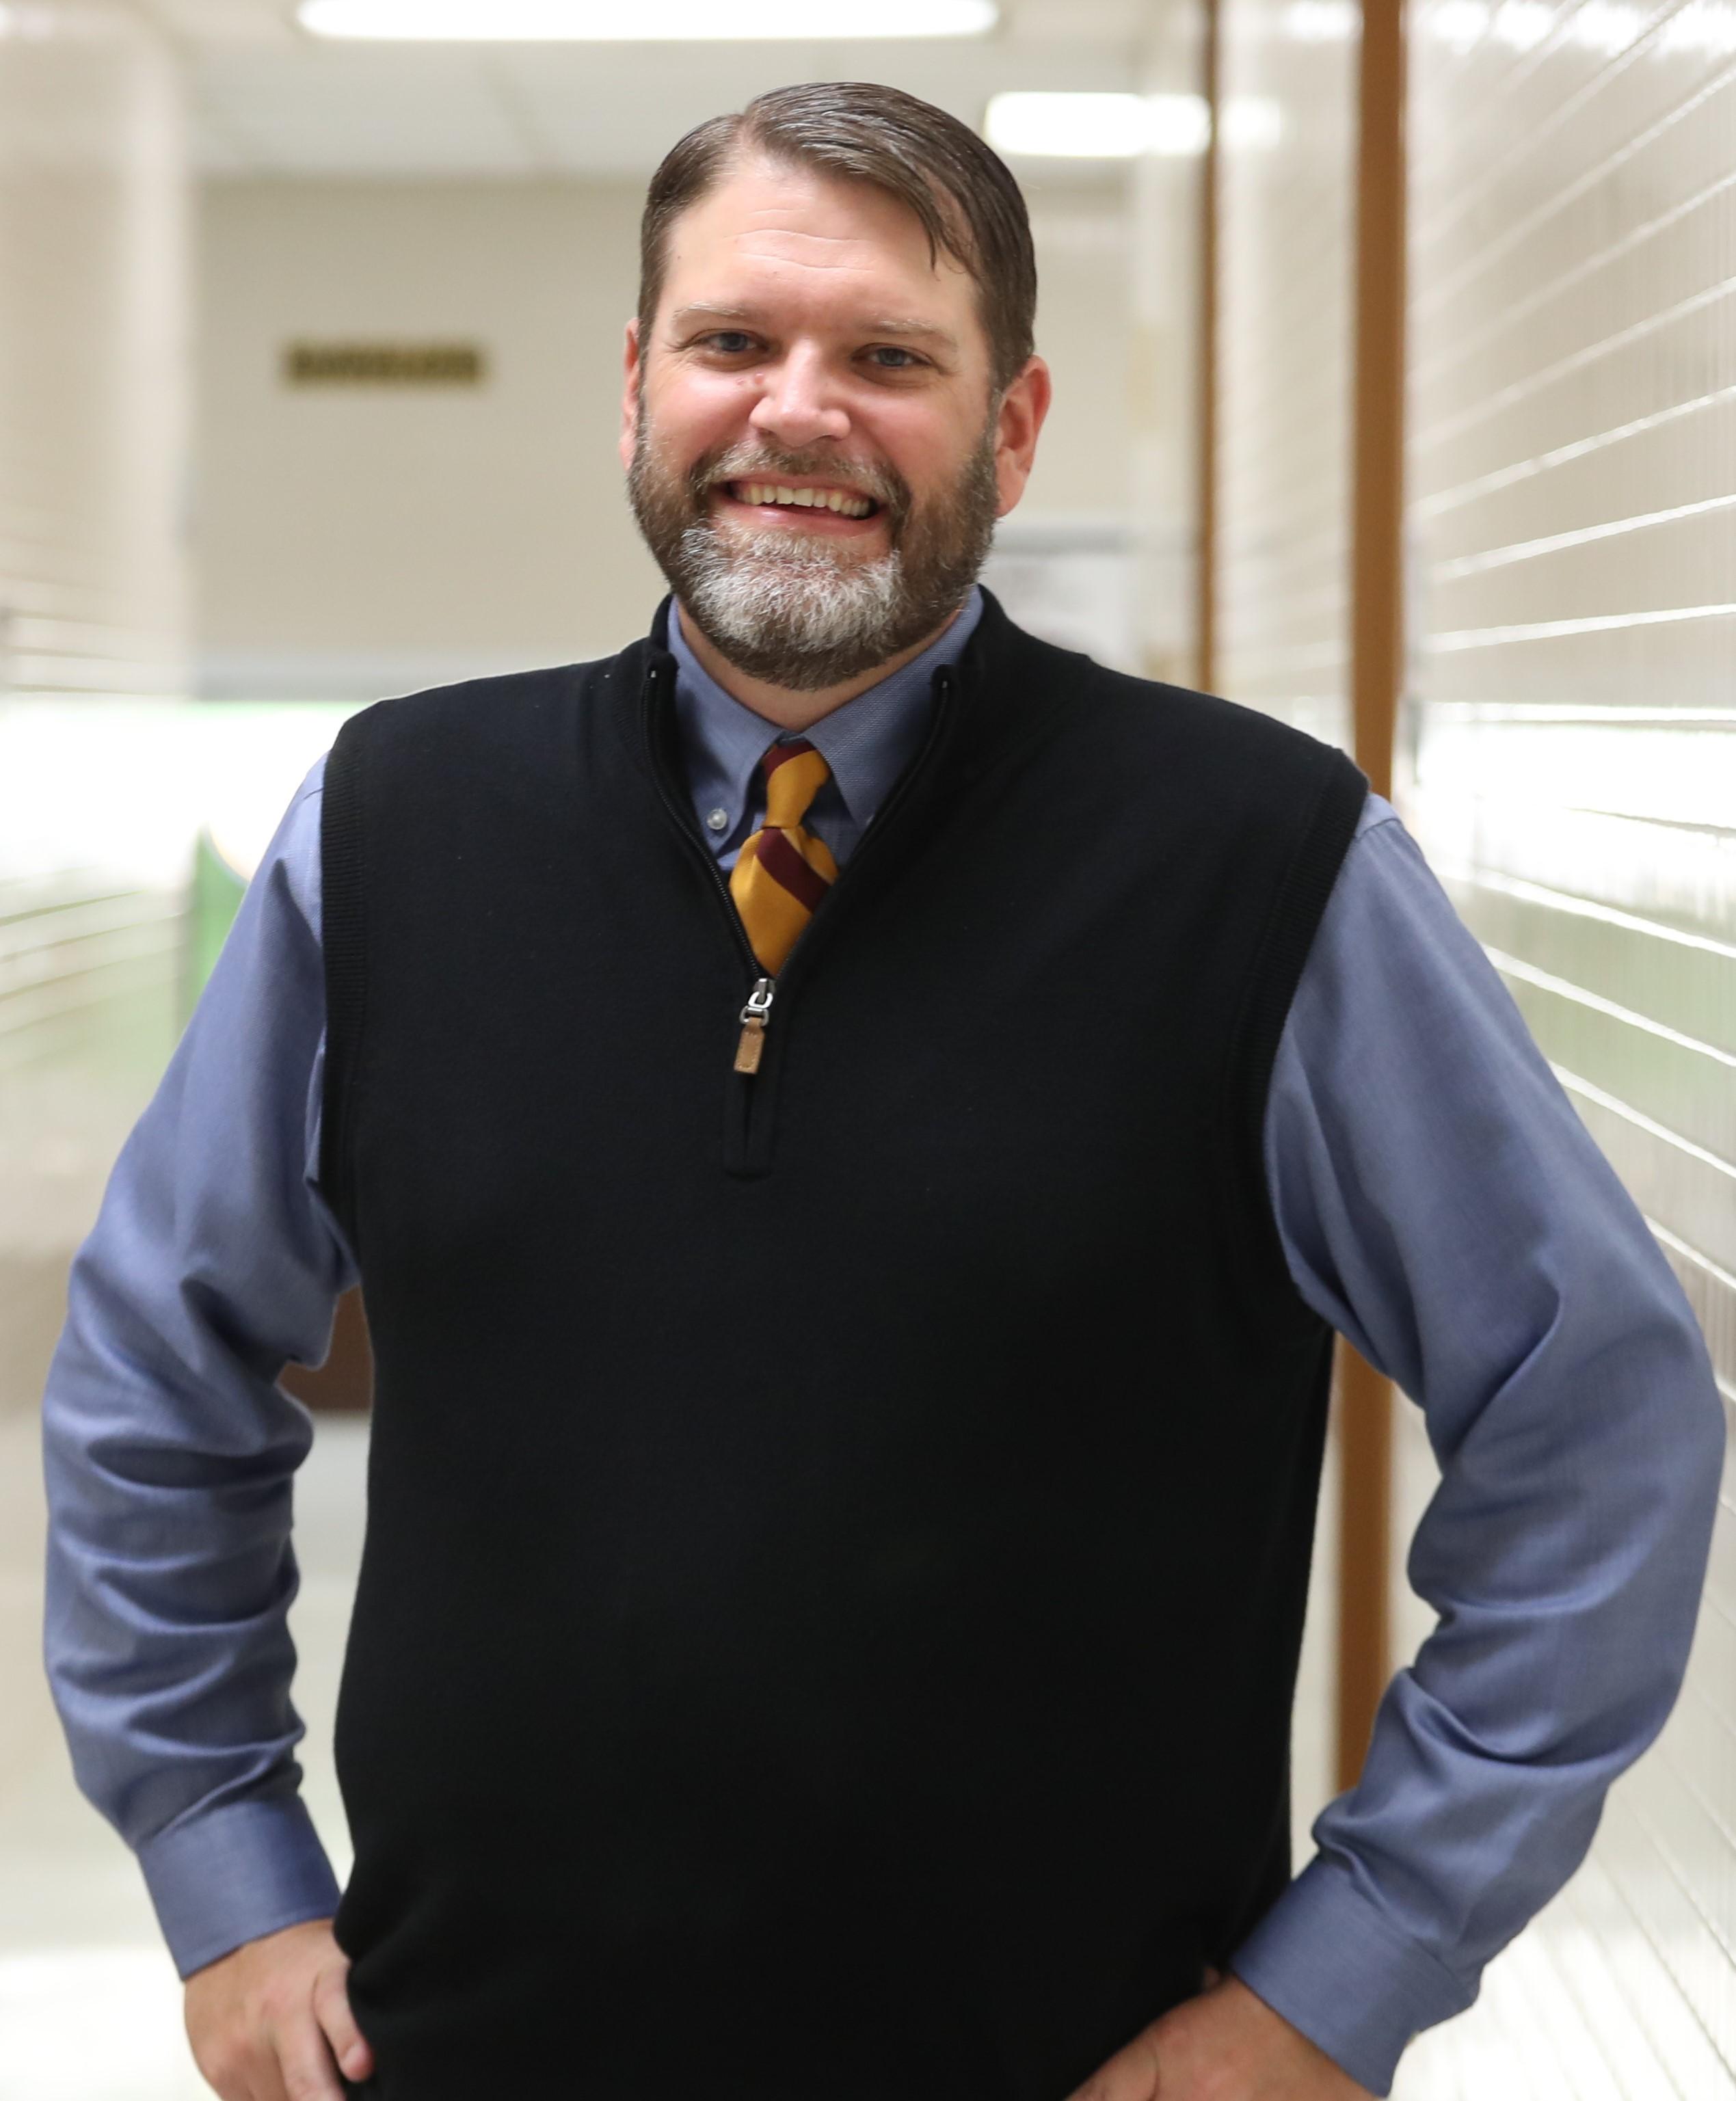 Dr. Matt Gerber